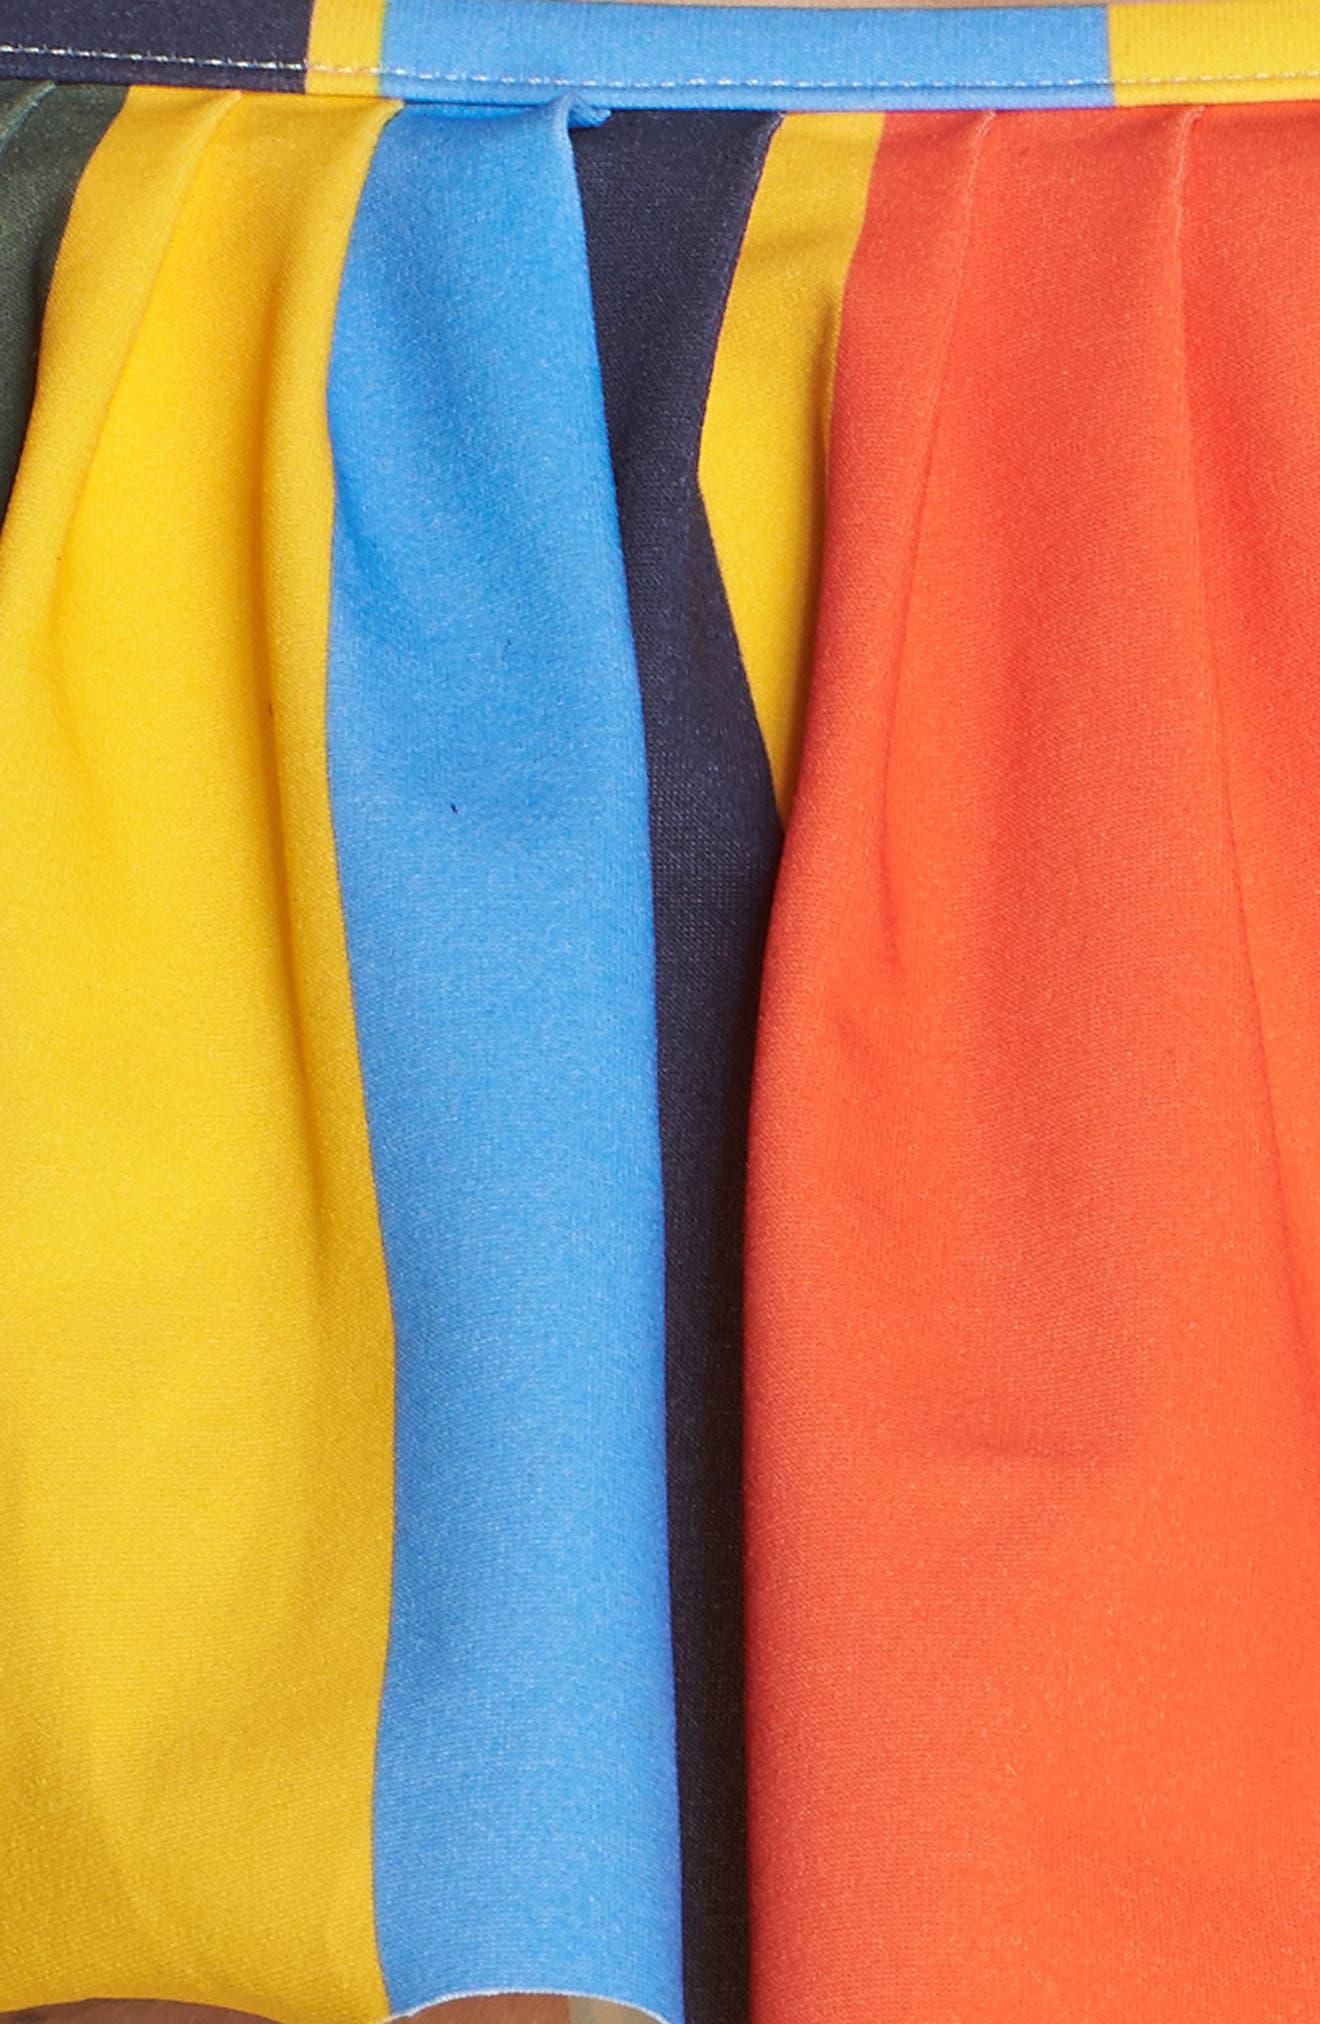 Balloon Stripe Flounce Bikini Top,                             Alternate thumbnail 6, color,                             Tie Dye Balloon Stripe